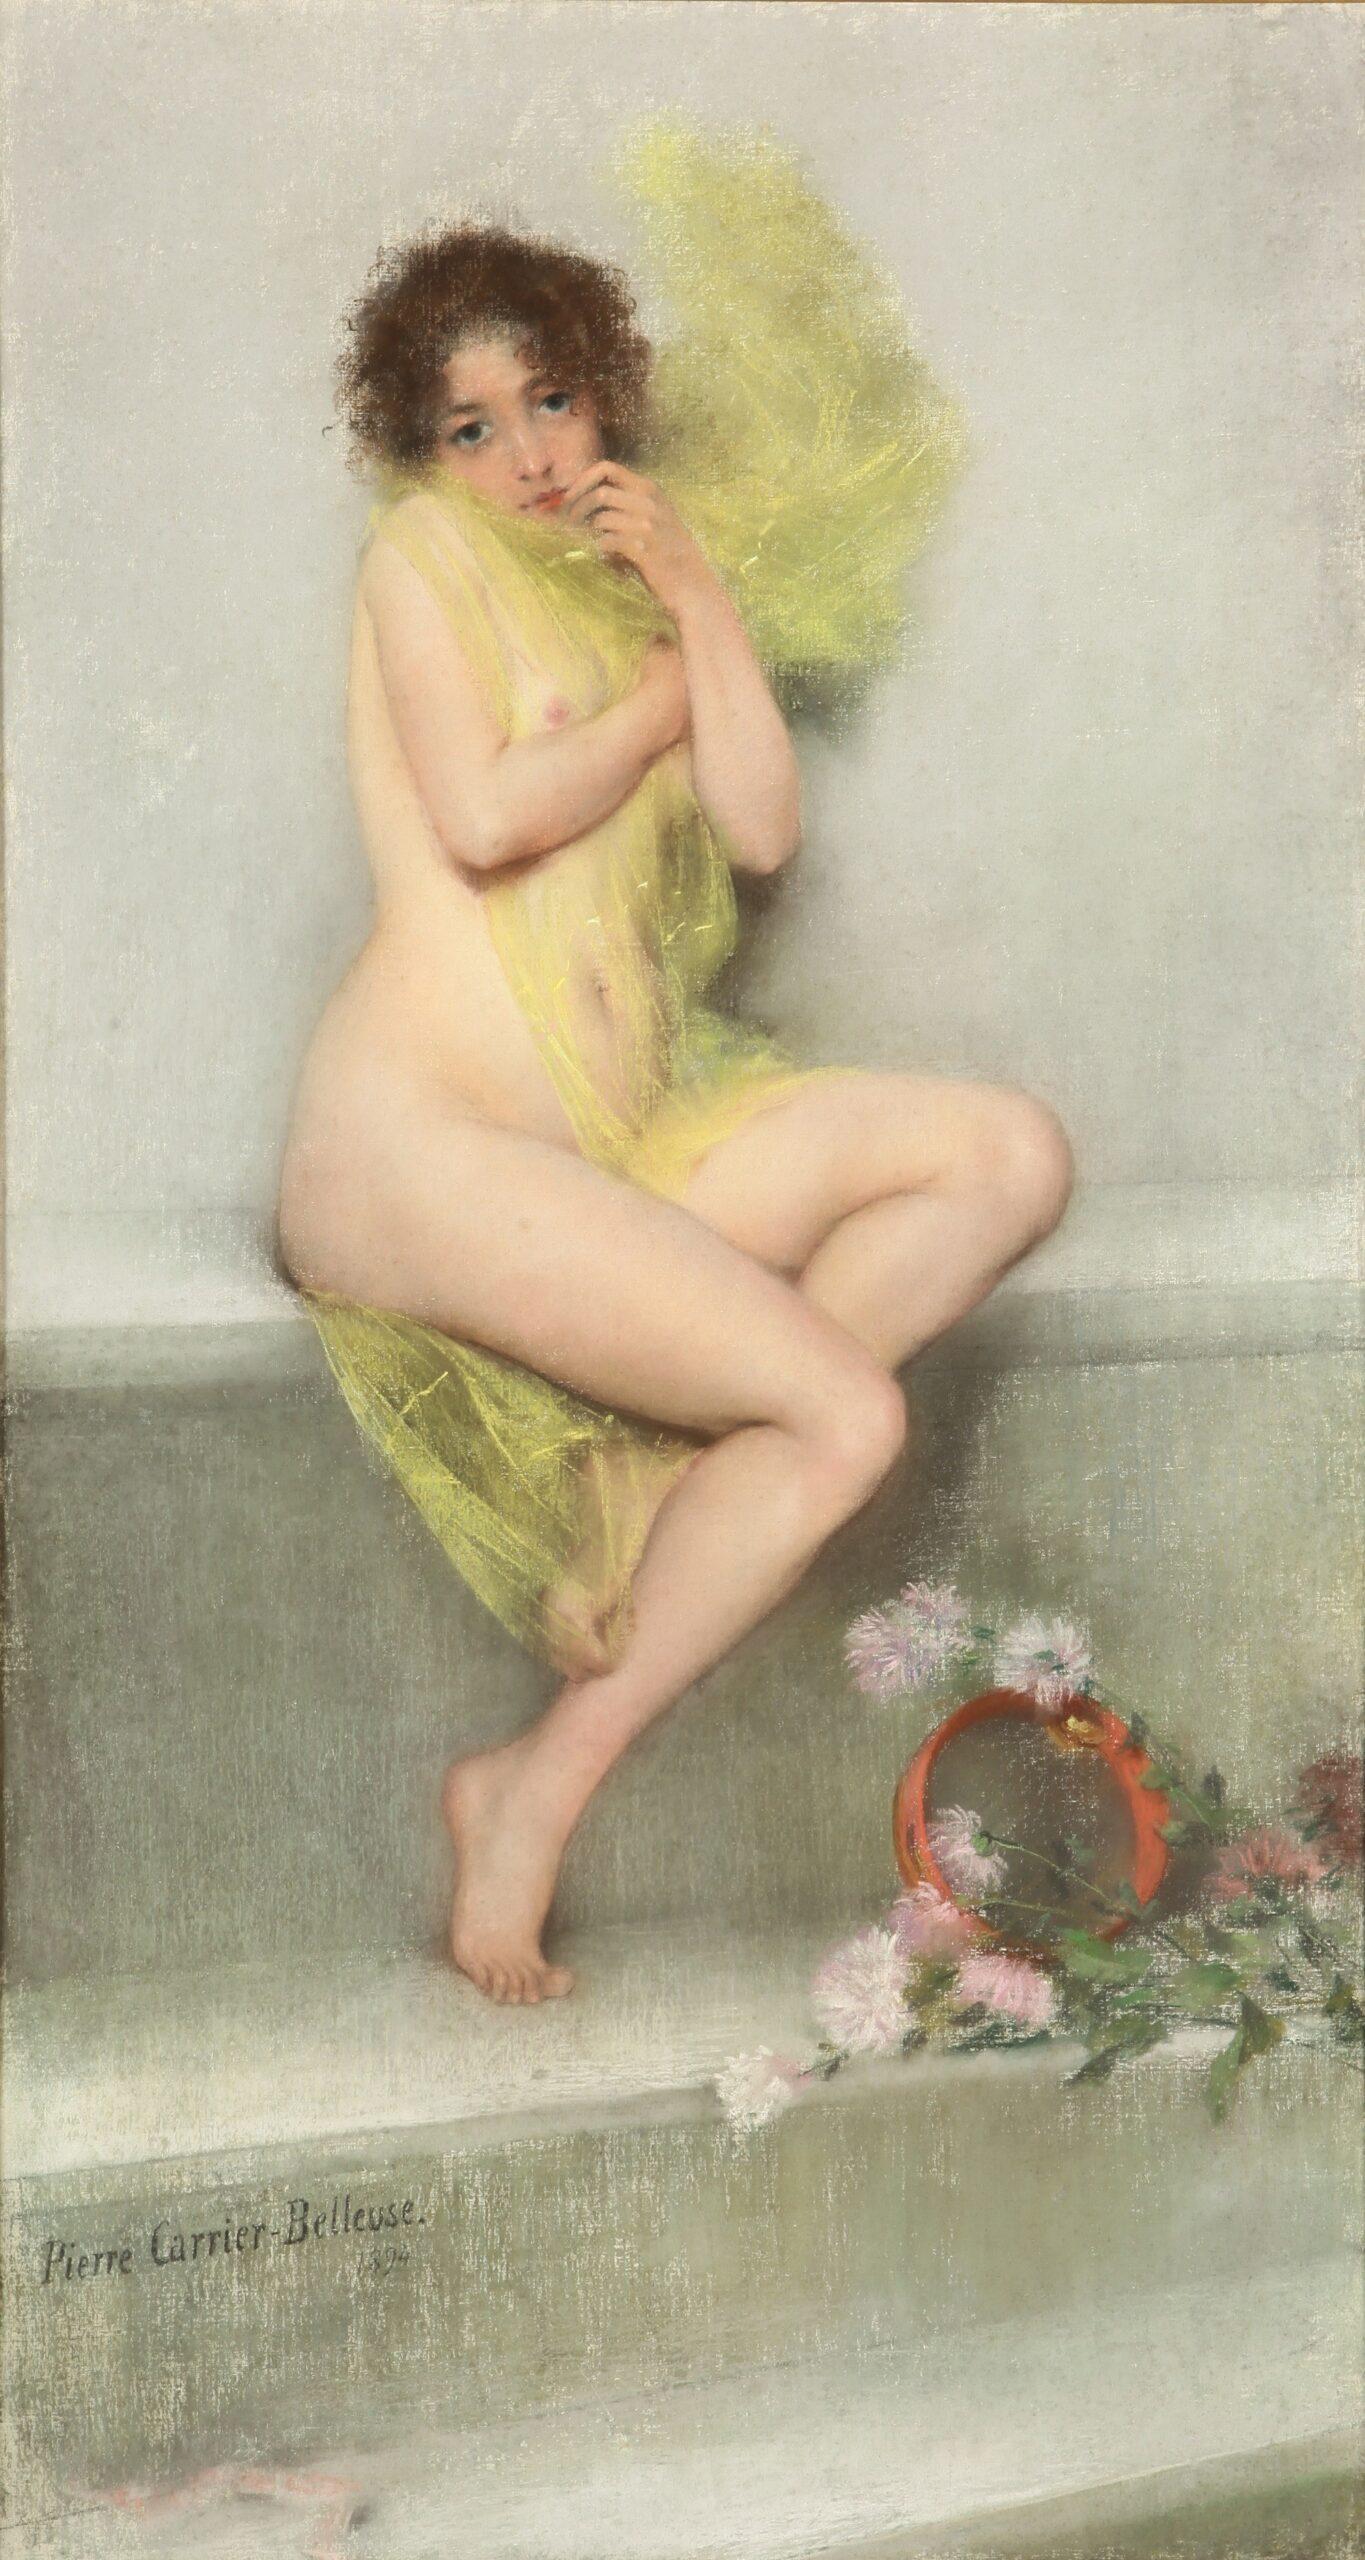 Pierre Carrier-Belleuse 1894 La frileuse Museo nacional de bellas artes Buenos Aires